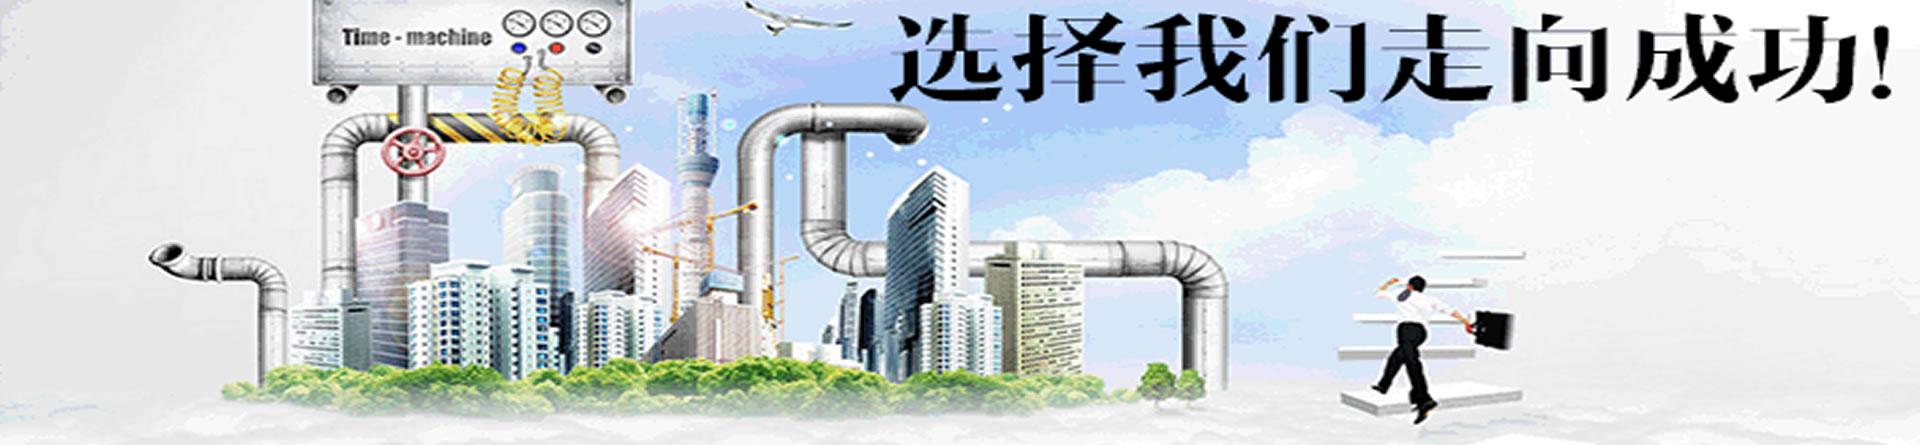 郑州学海教育